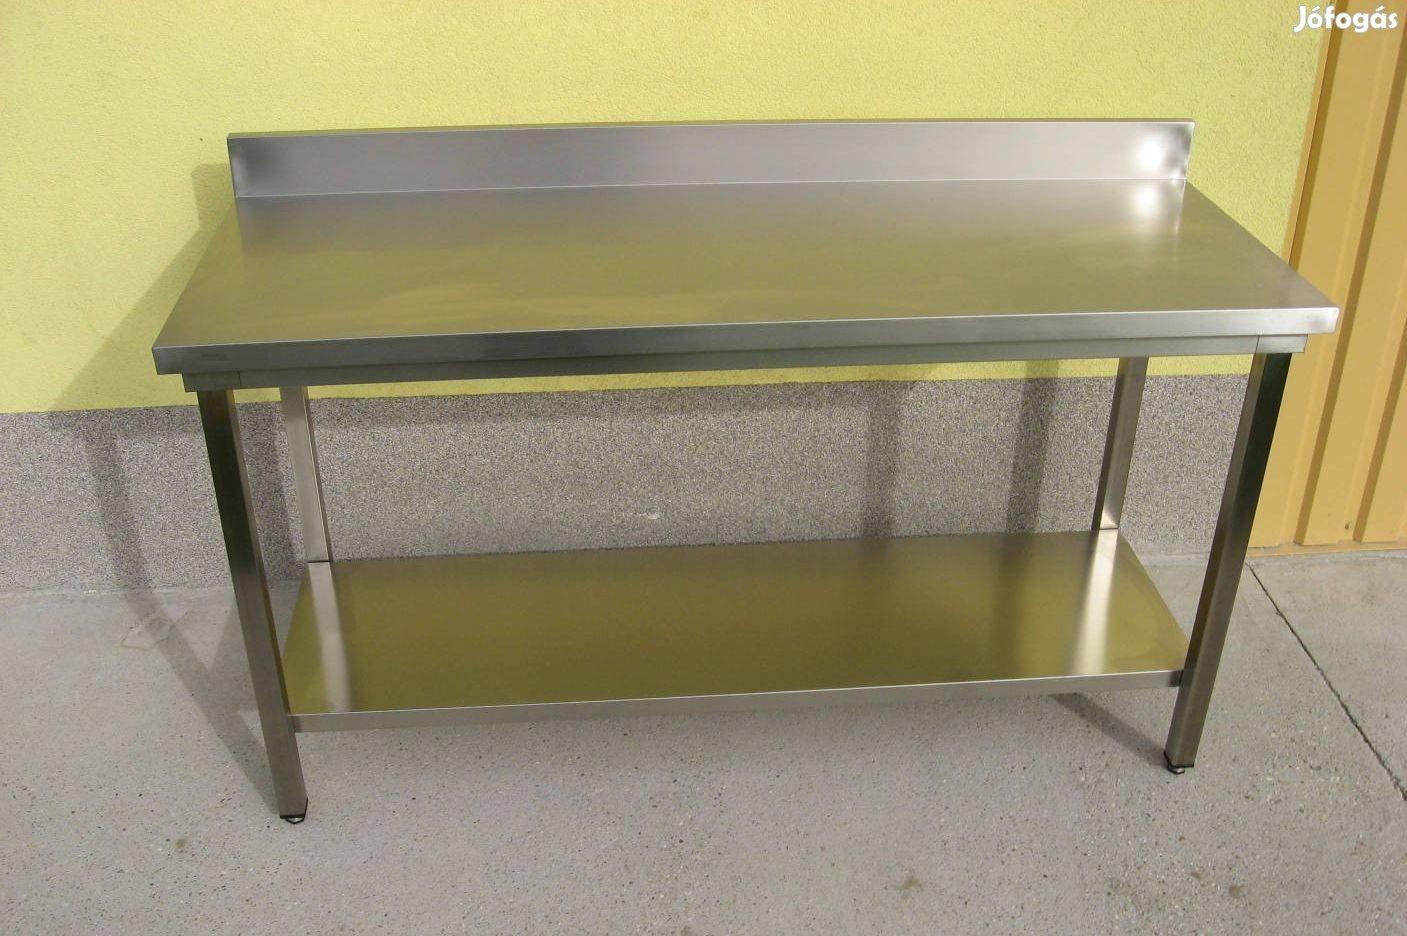 Rozsdamentes munkaasztal feldolgozó előkészítő asztal eladó